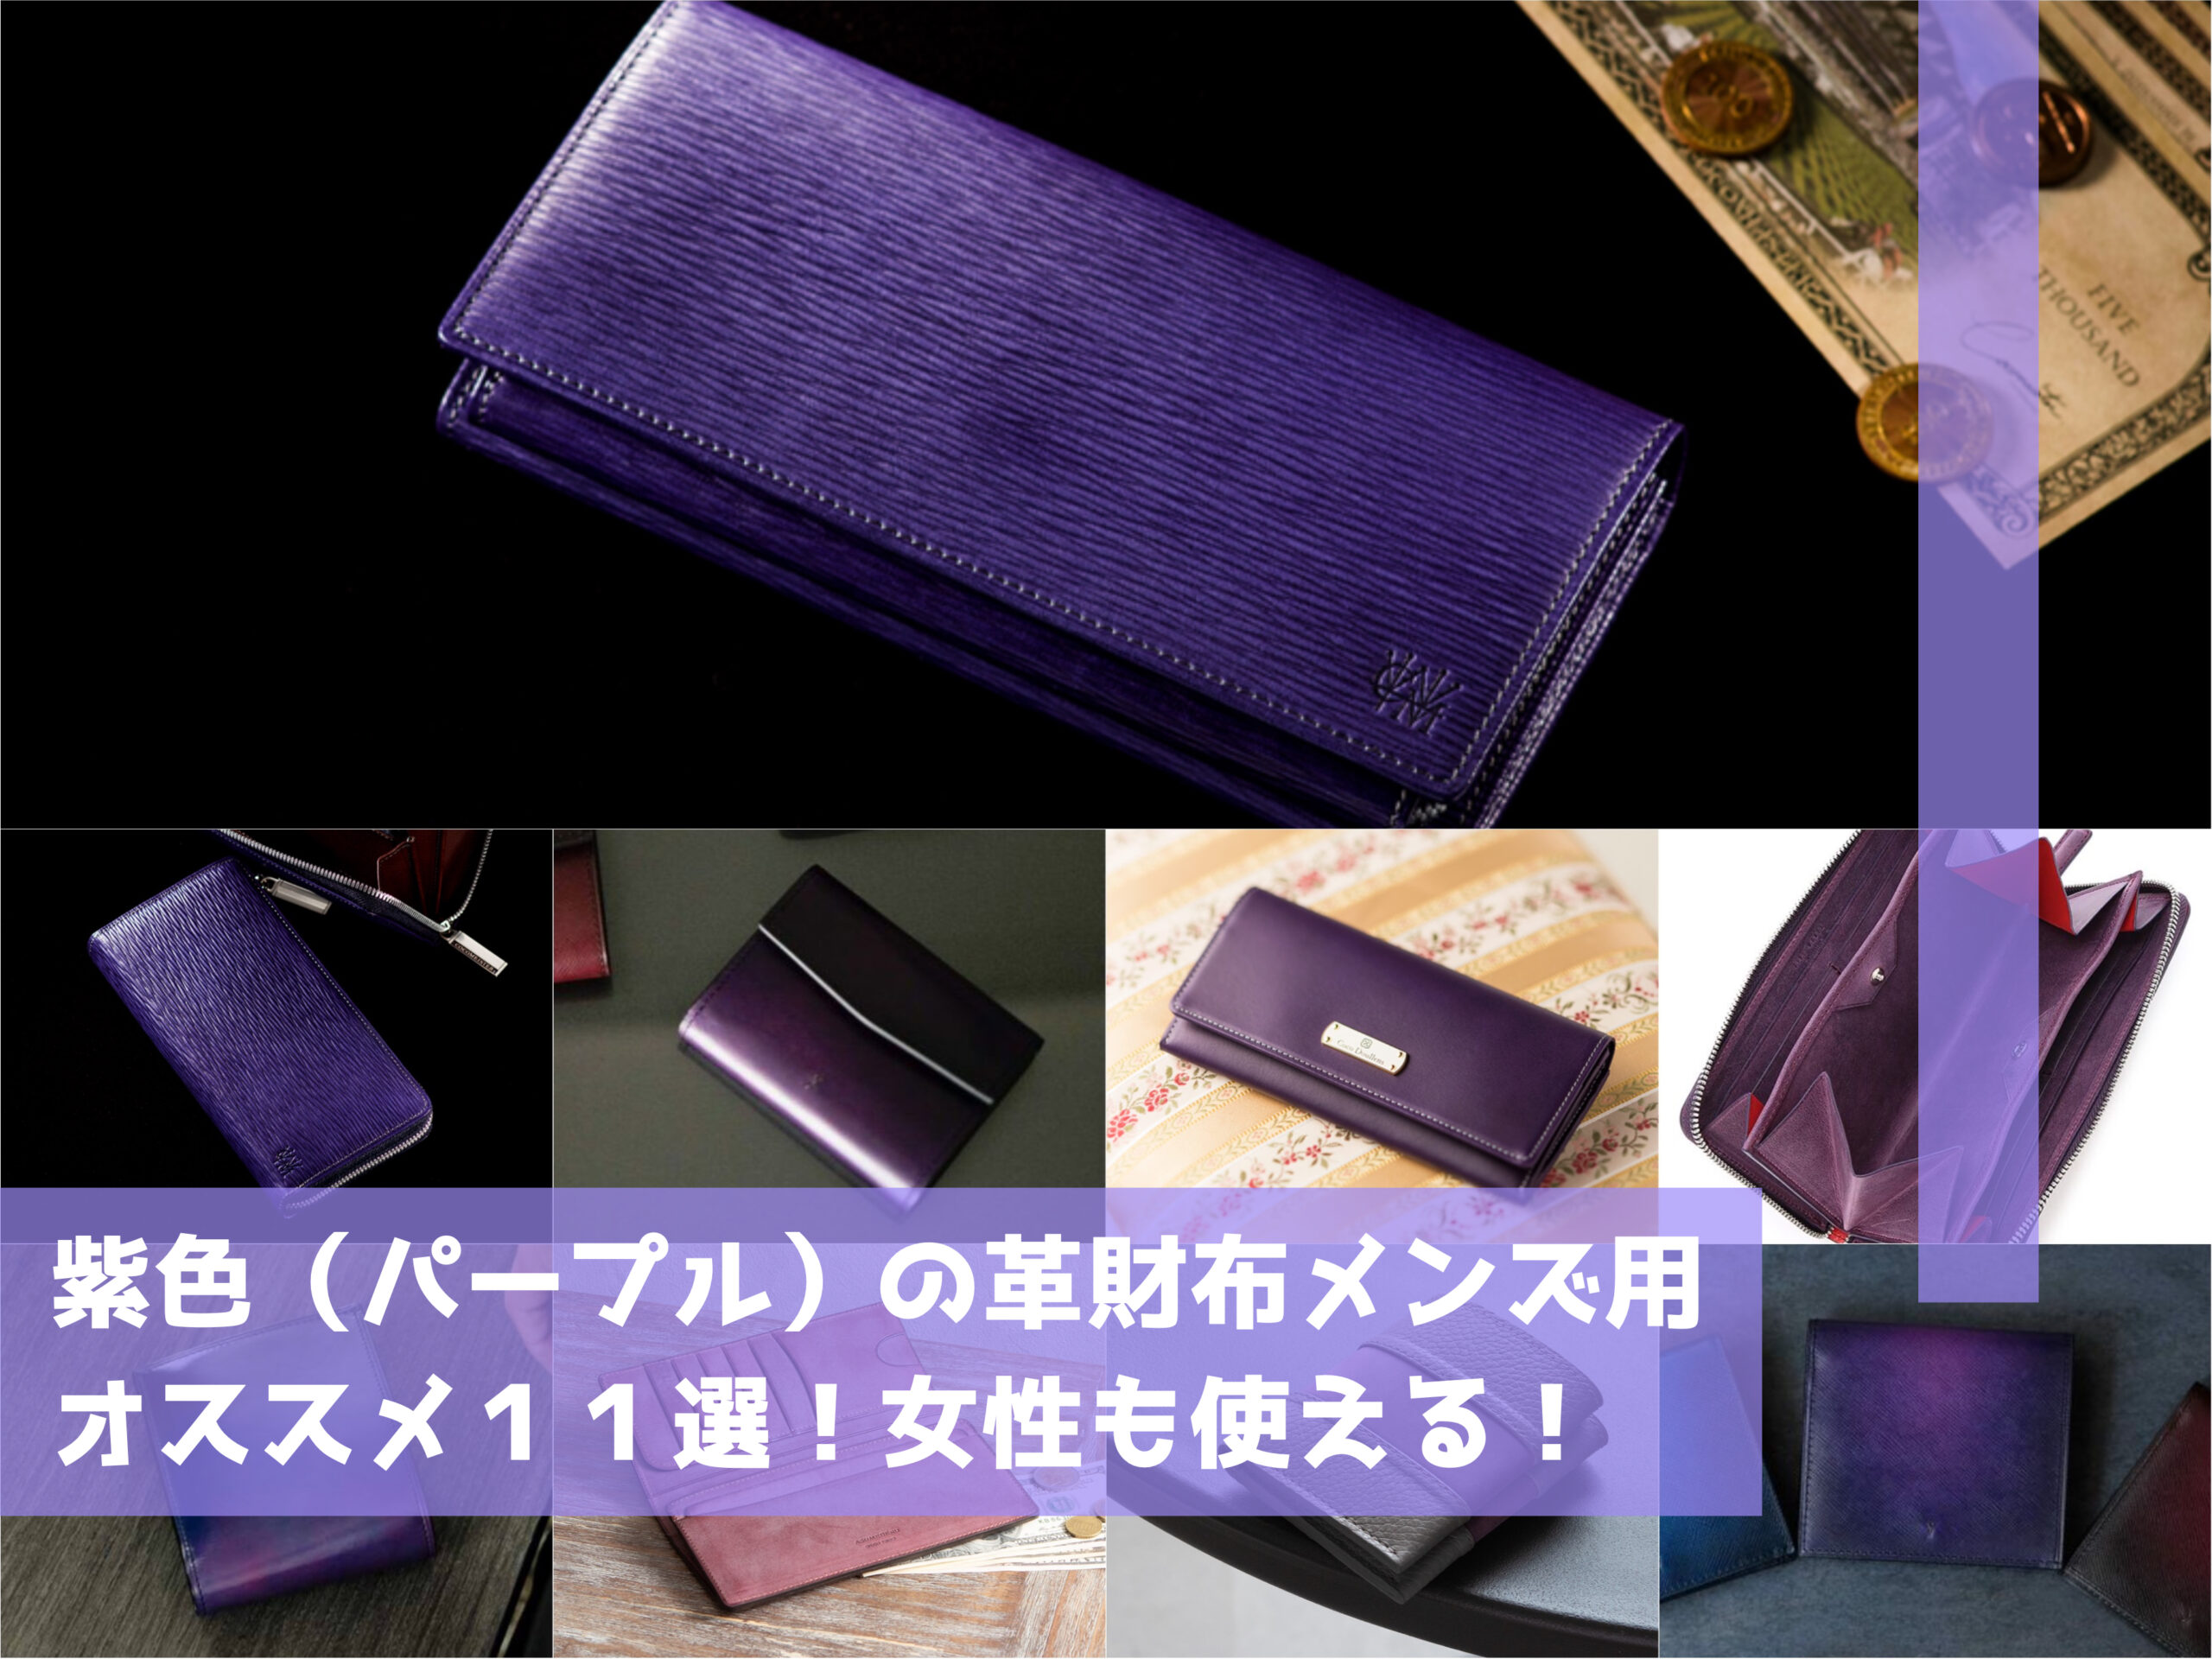 紫色(パープル)の革財布メンズ用オスス11選!女性も使える!